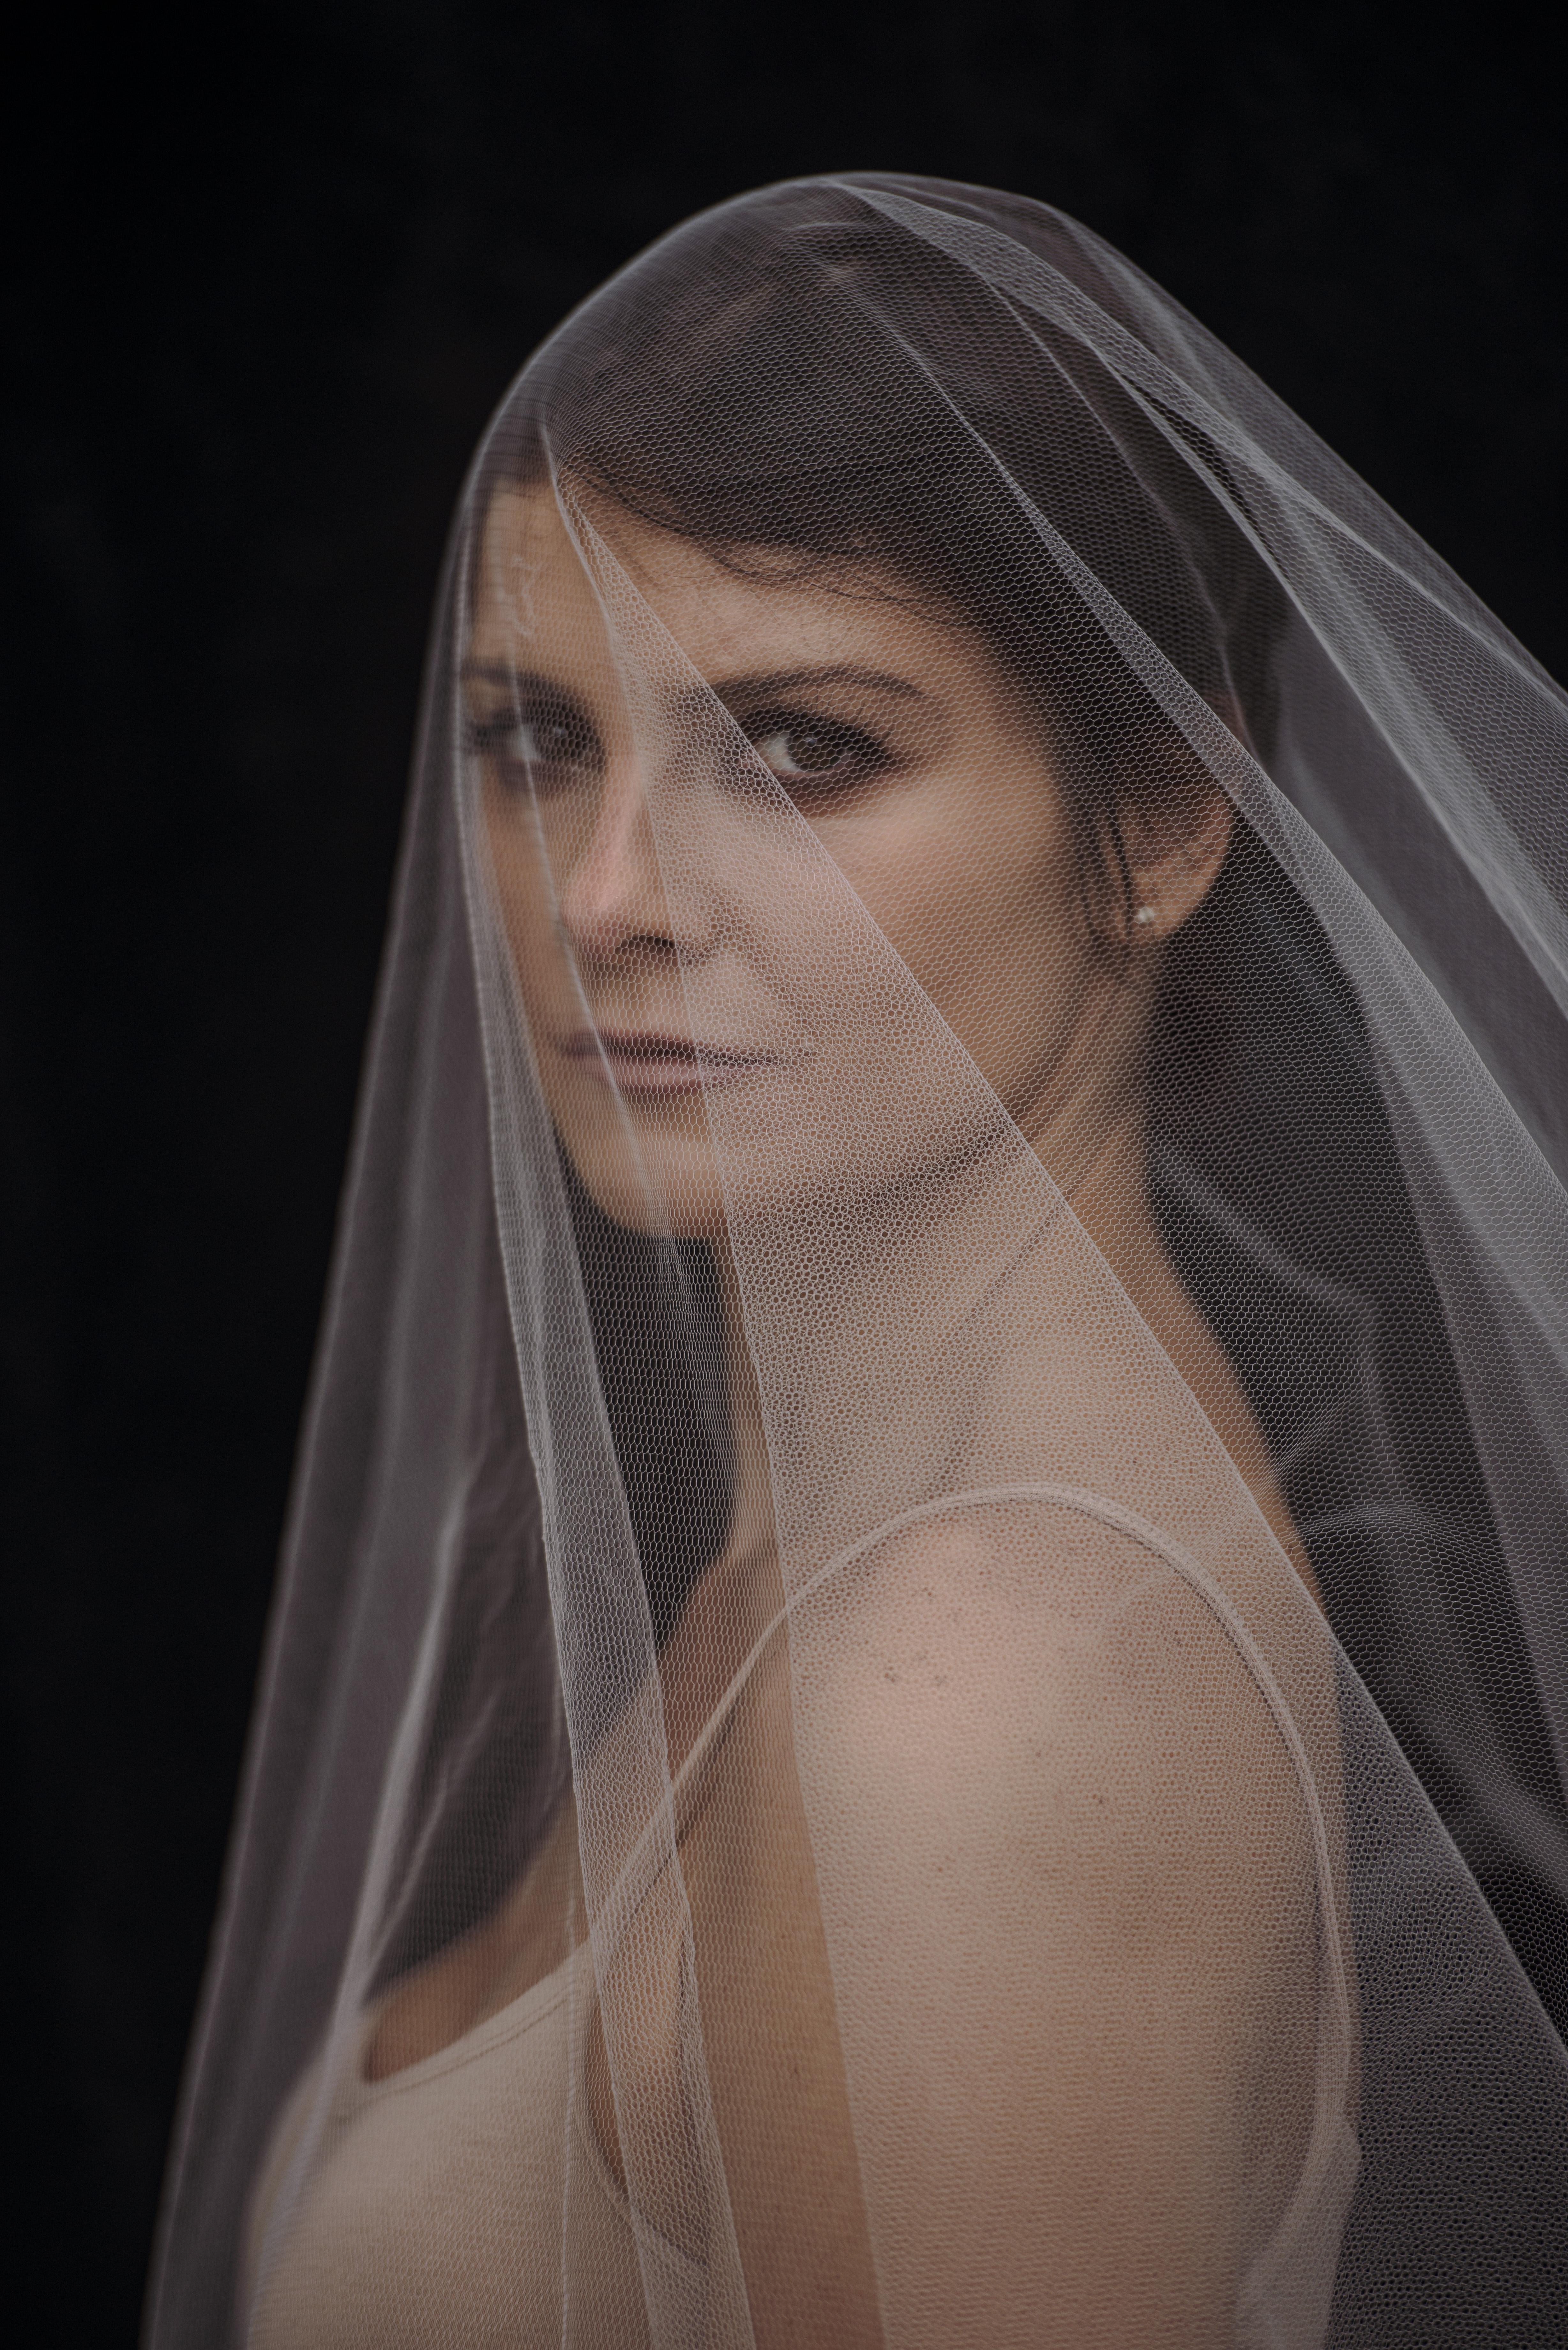 Carolina Chalita com um véu sobre o rosto